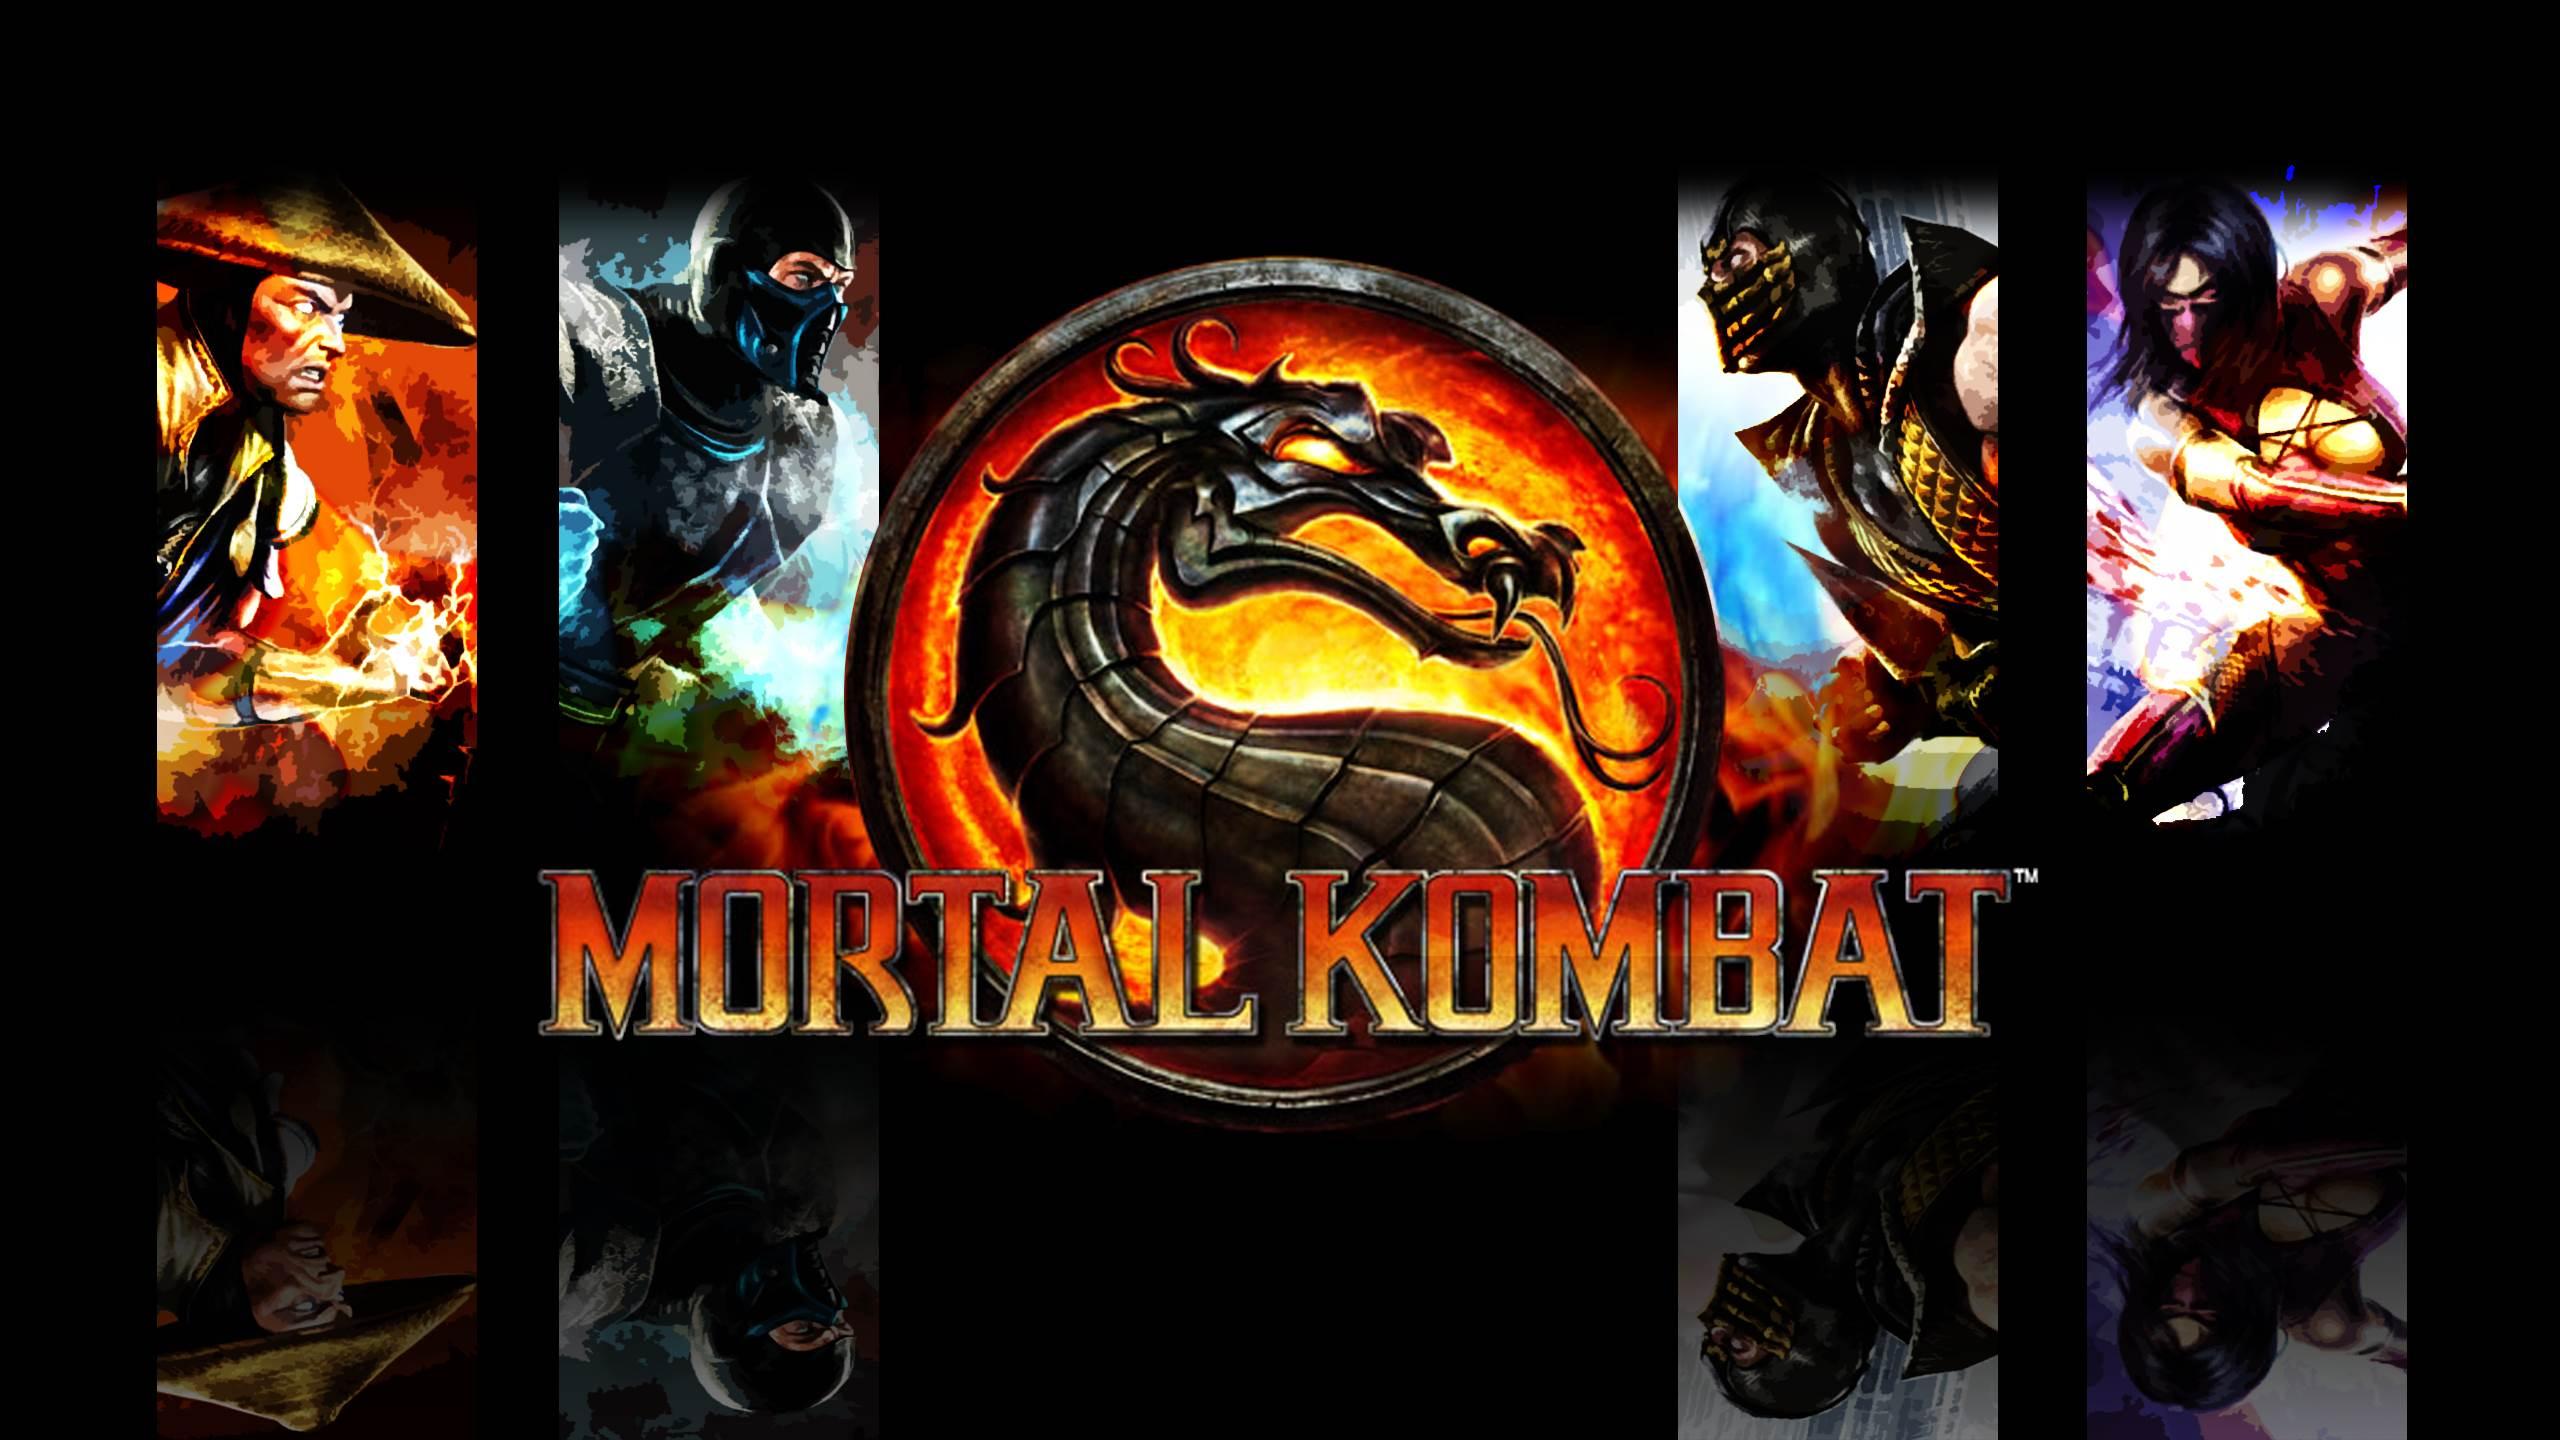 Mind Blowing Mortal Kombat Ermac Wallpaper Hd Teorg 2560x1440